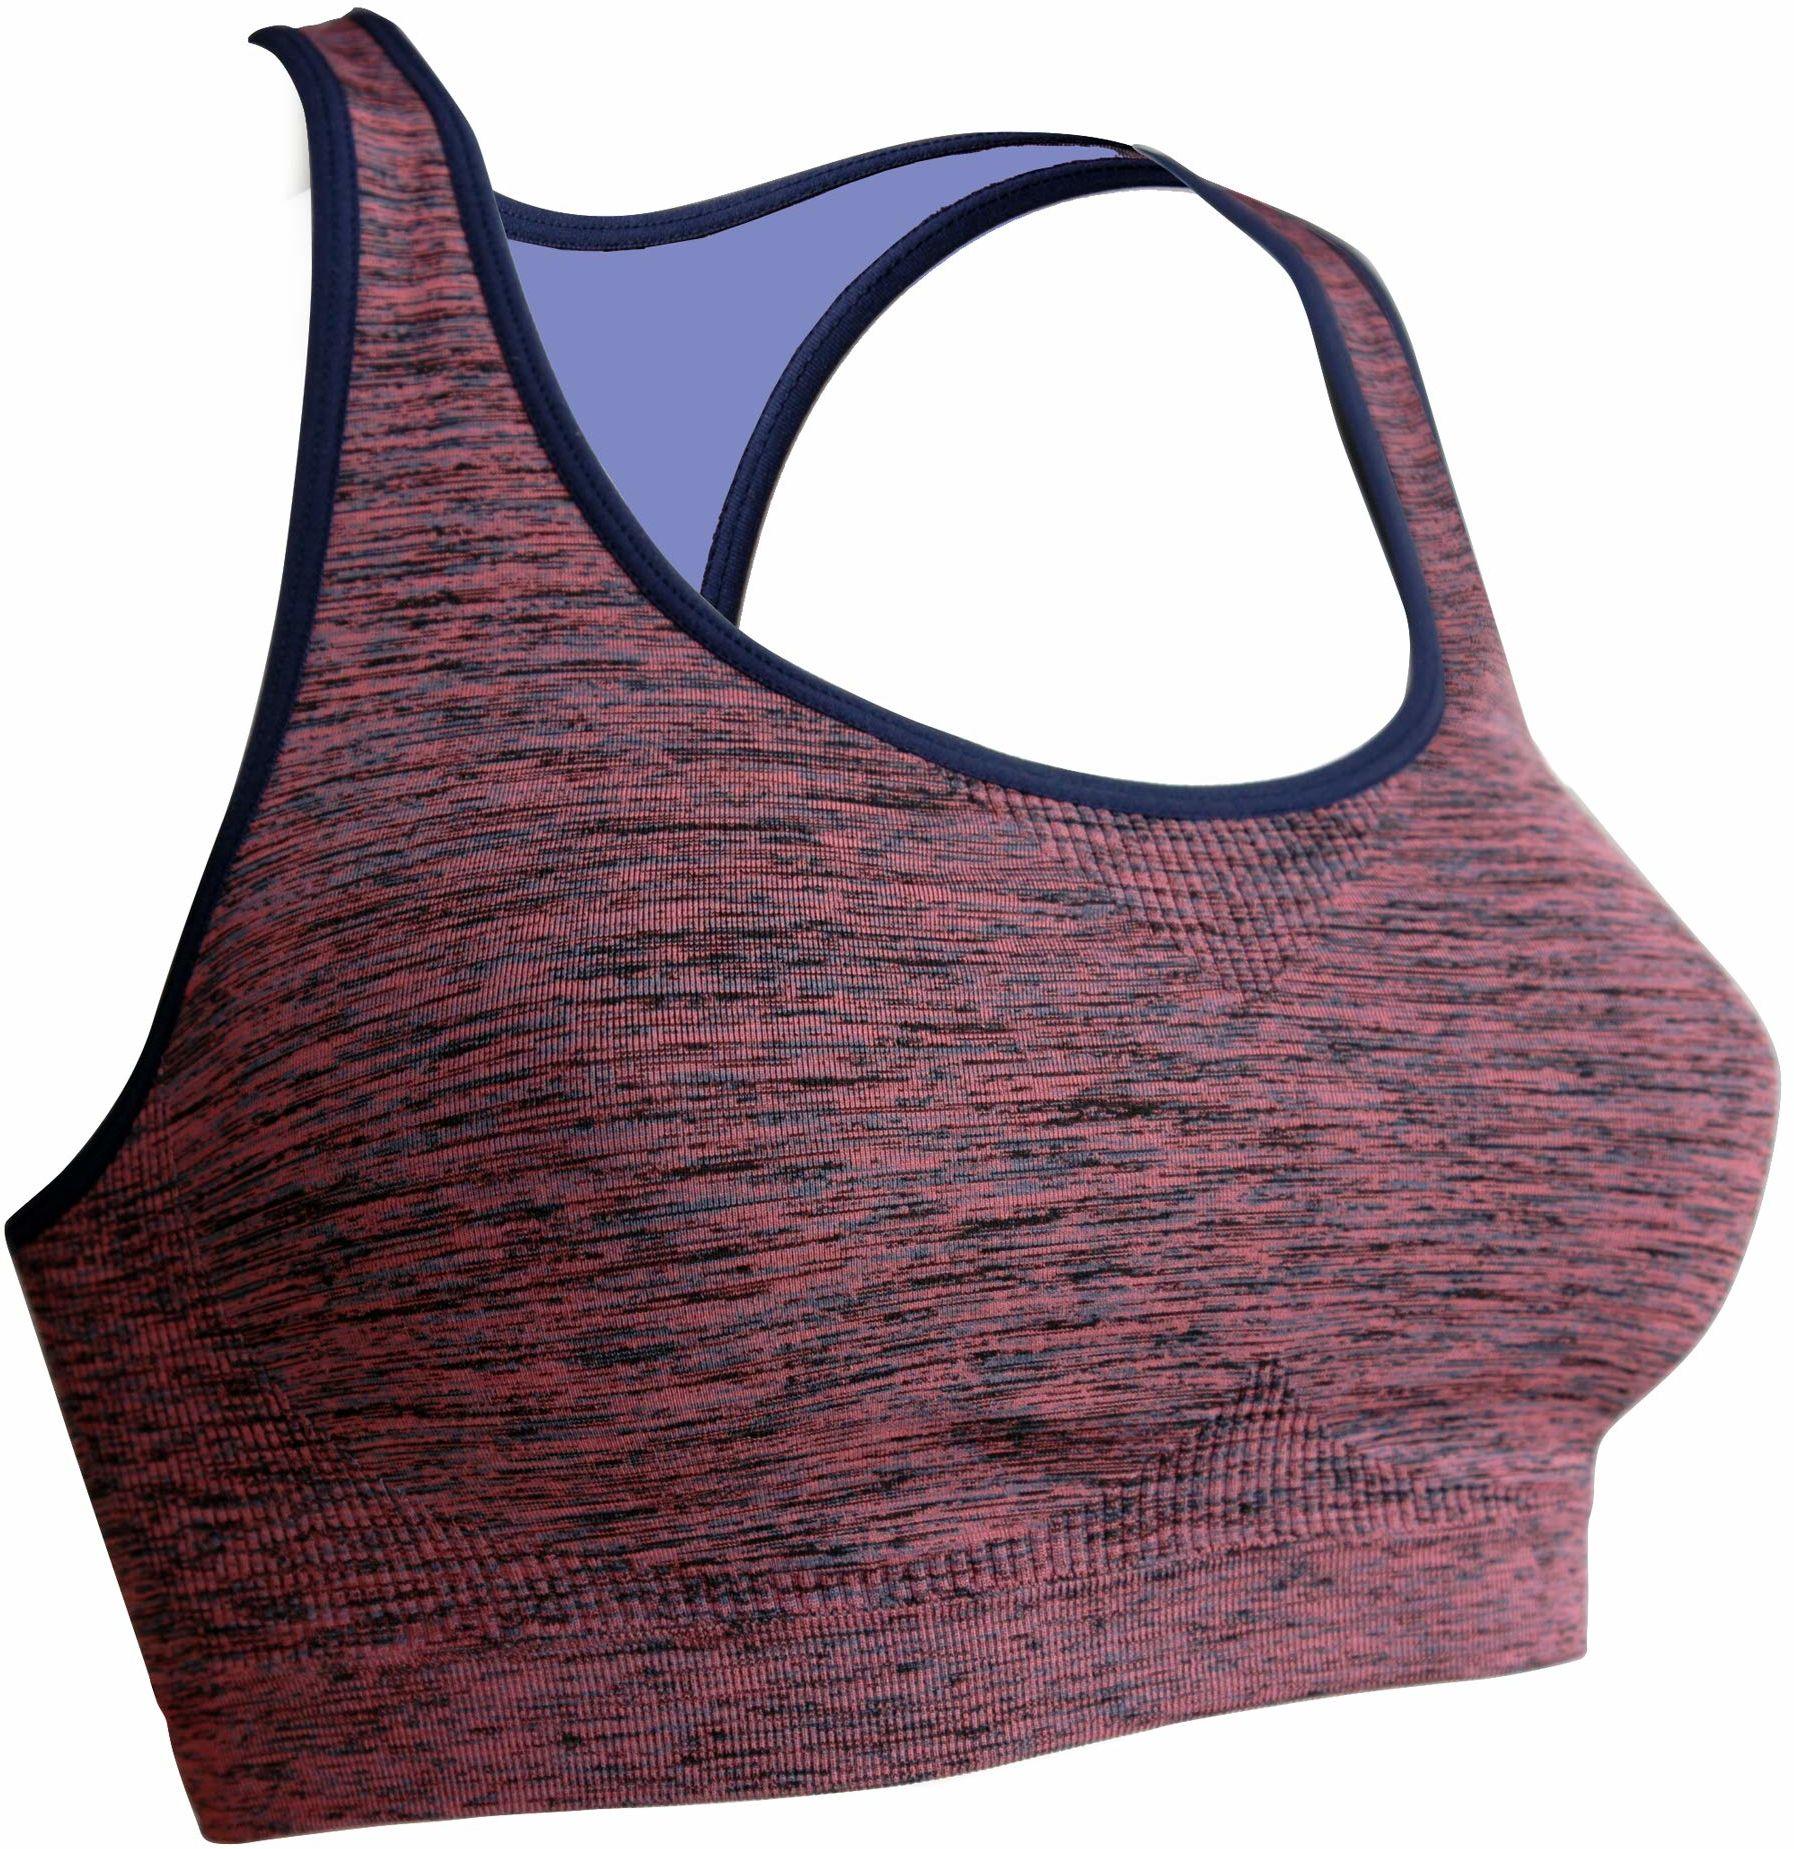 Kidneykaren Damski fit Bustier/M-Pink Patrole Yoga